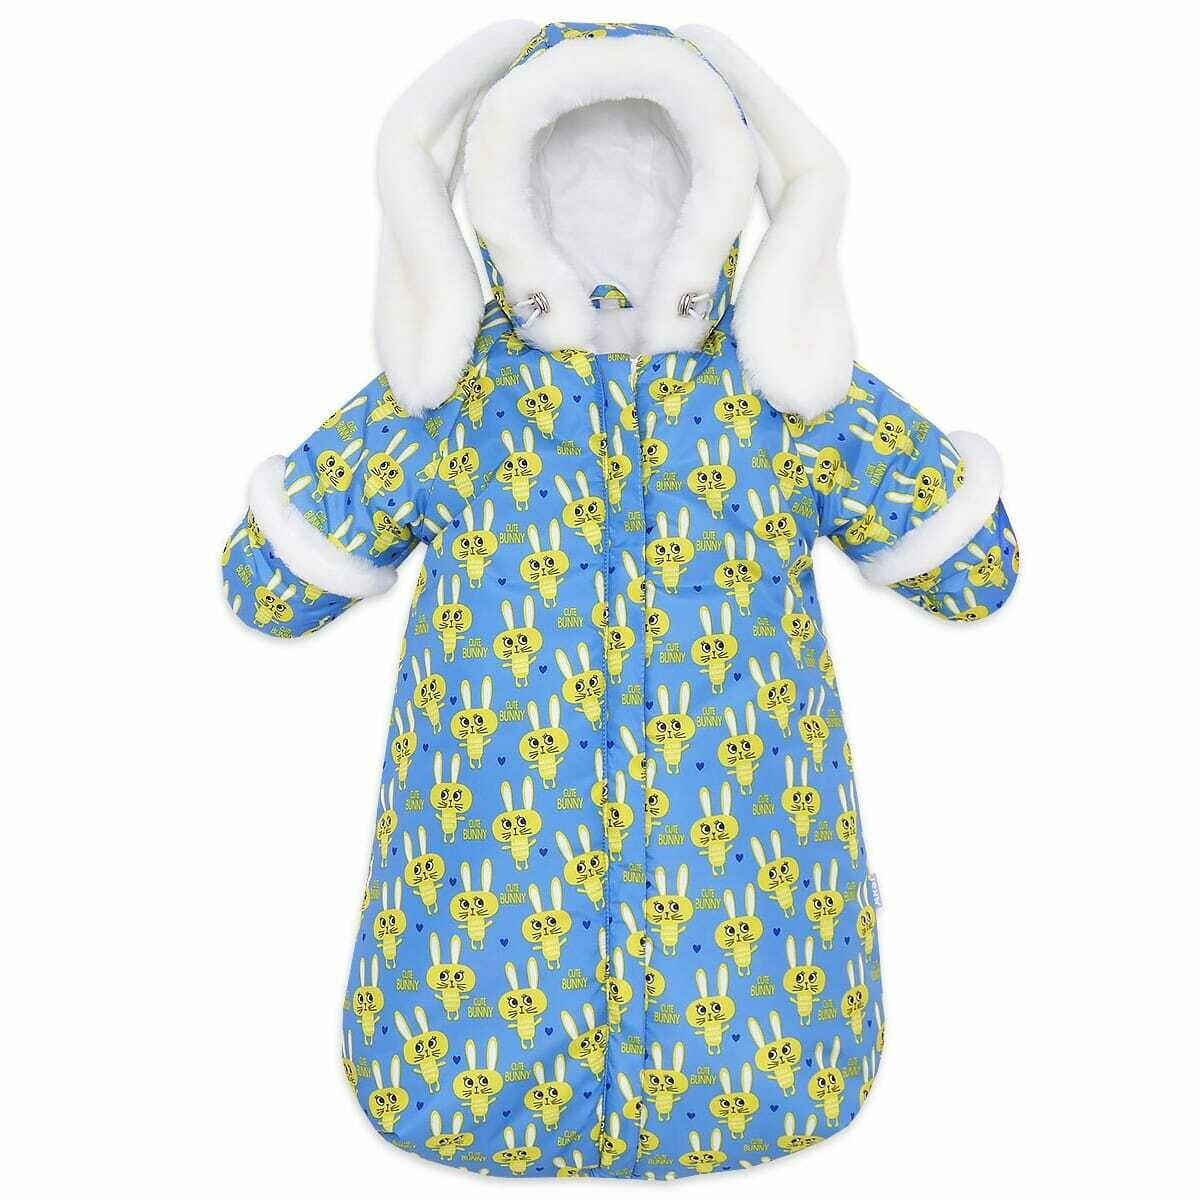 Комбинезон-мешок ЗАЙКА, зима, жёлто-голубой